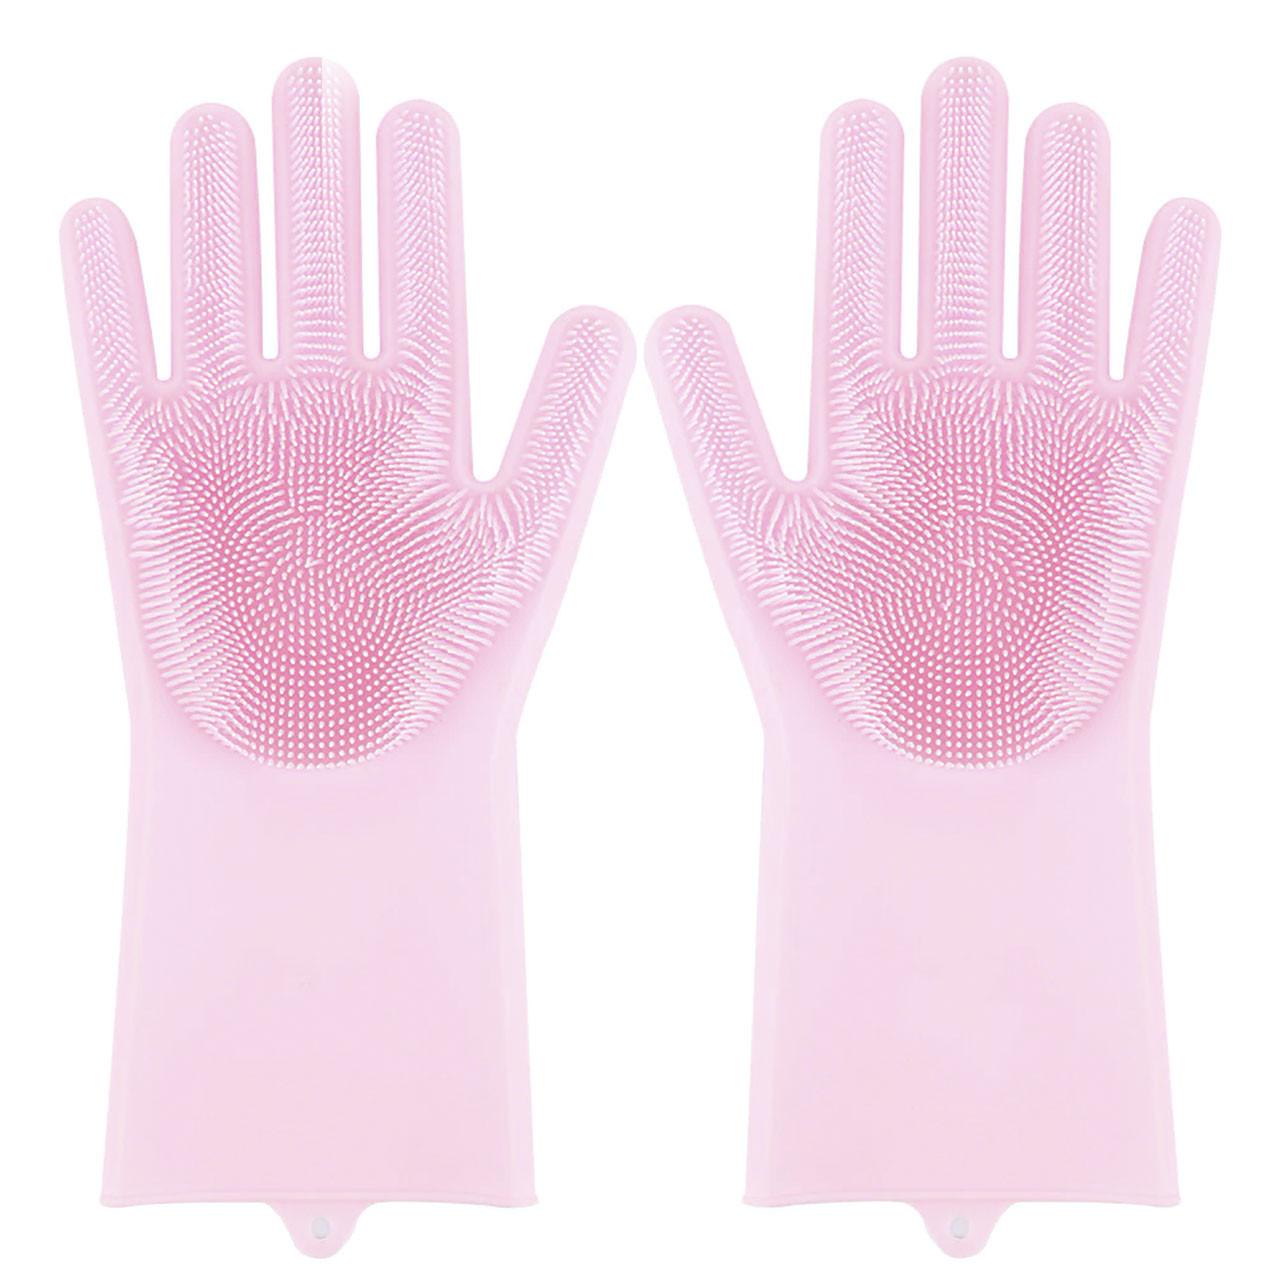 Перчатки Magic Silicone Gloves Pink силиконовые для уборки и мытья посуды